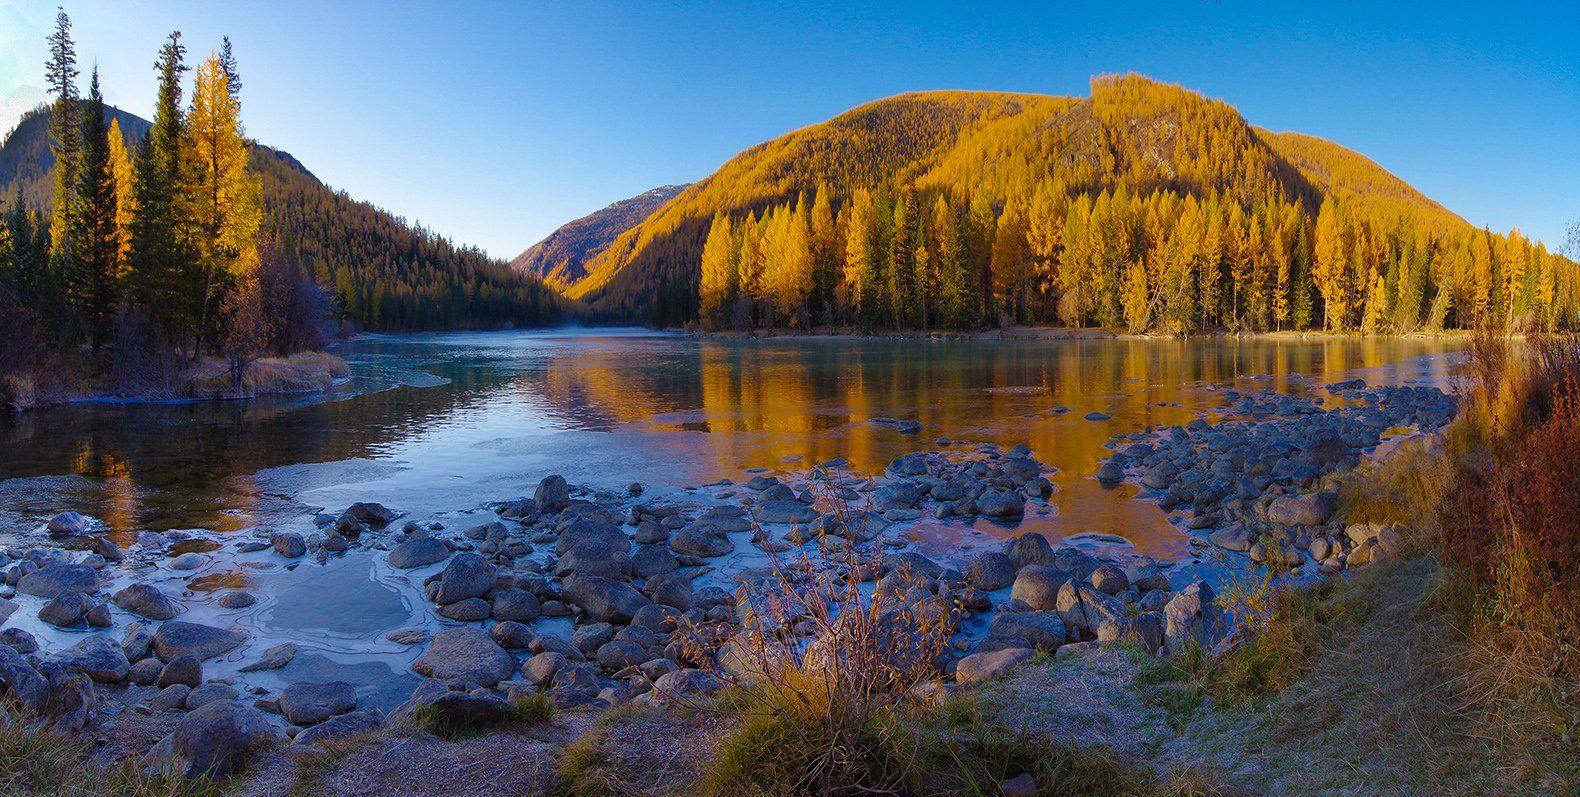 пейзаж, алтай, сибирь, река, аргут, утро, осень, вода, горы, валерий_чичкин, Валерий Чичкин